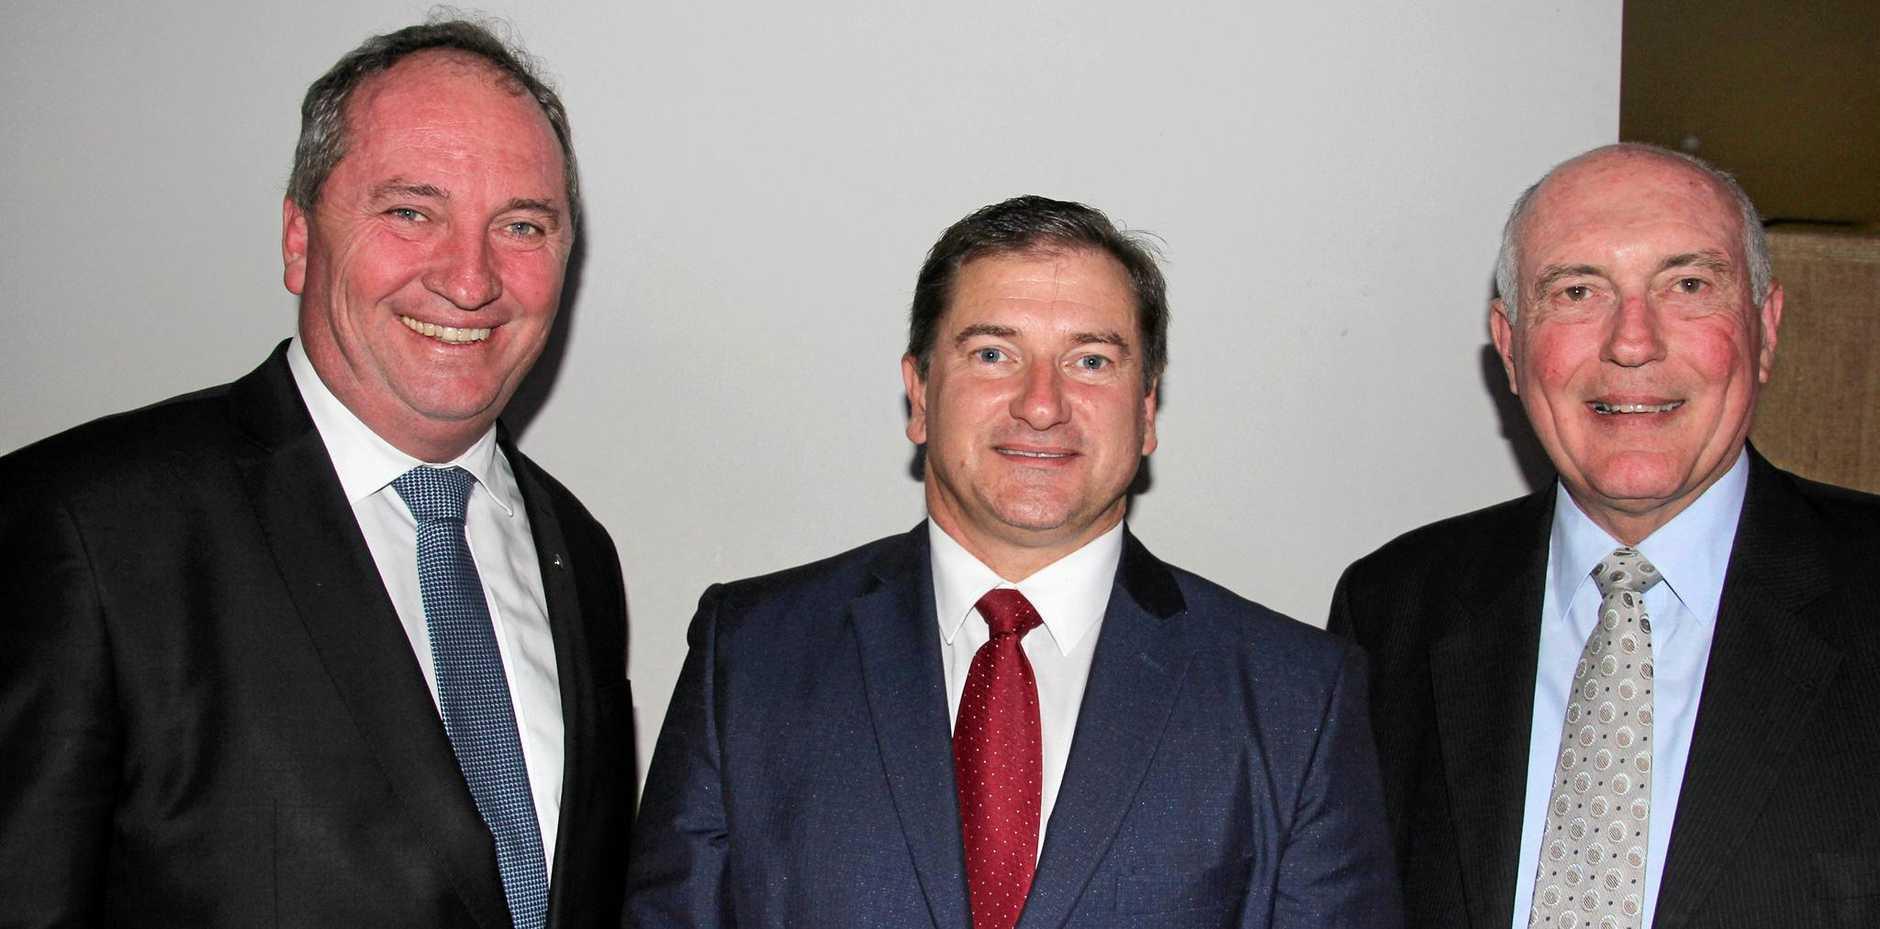 Former Wide Bay Mp Warren Truss, Barnaby Joyce, Llew OBrien and Warren Truss.